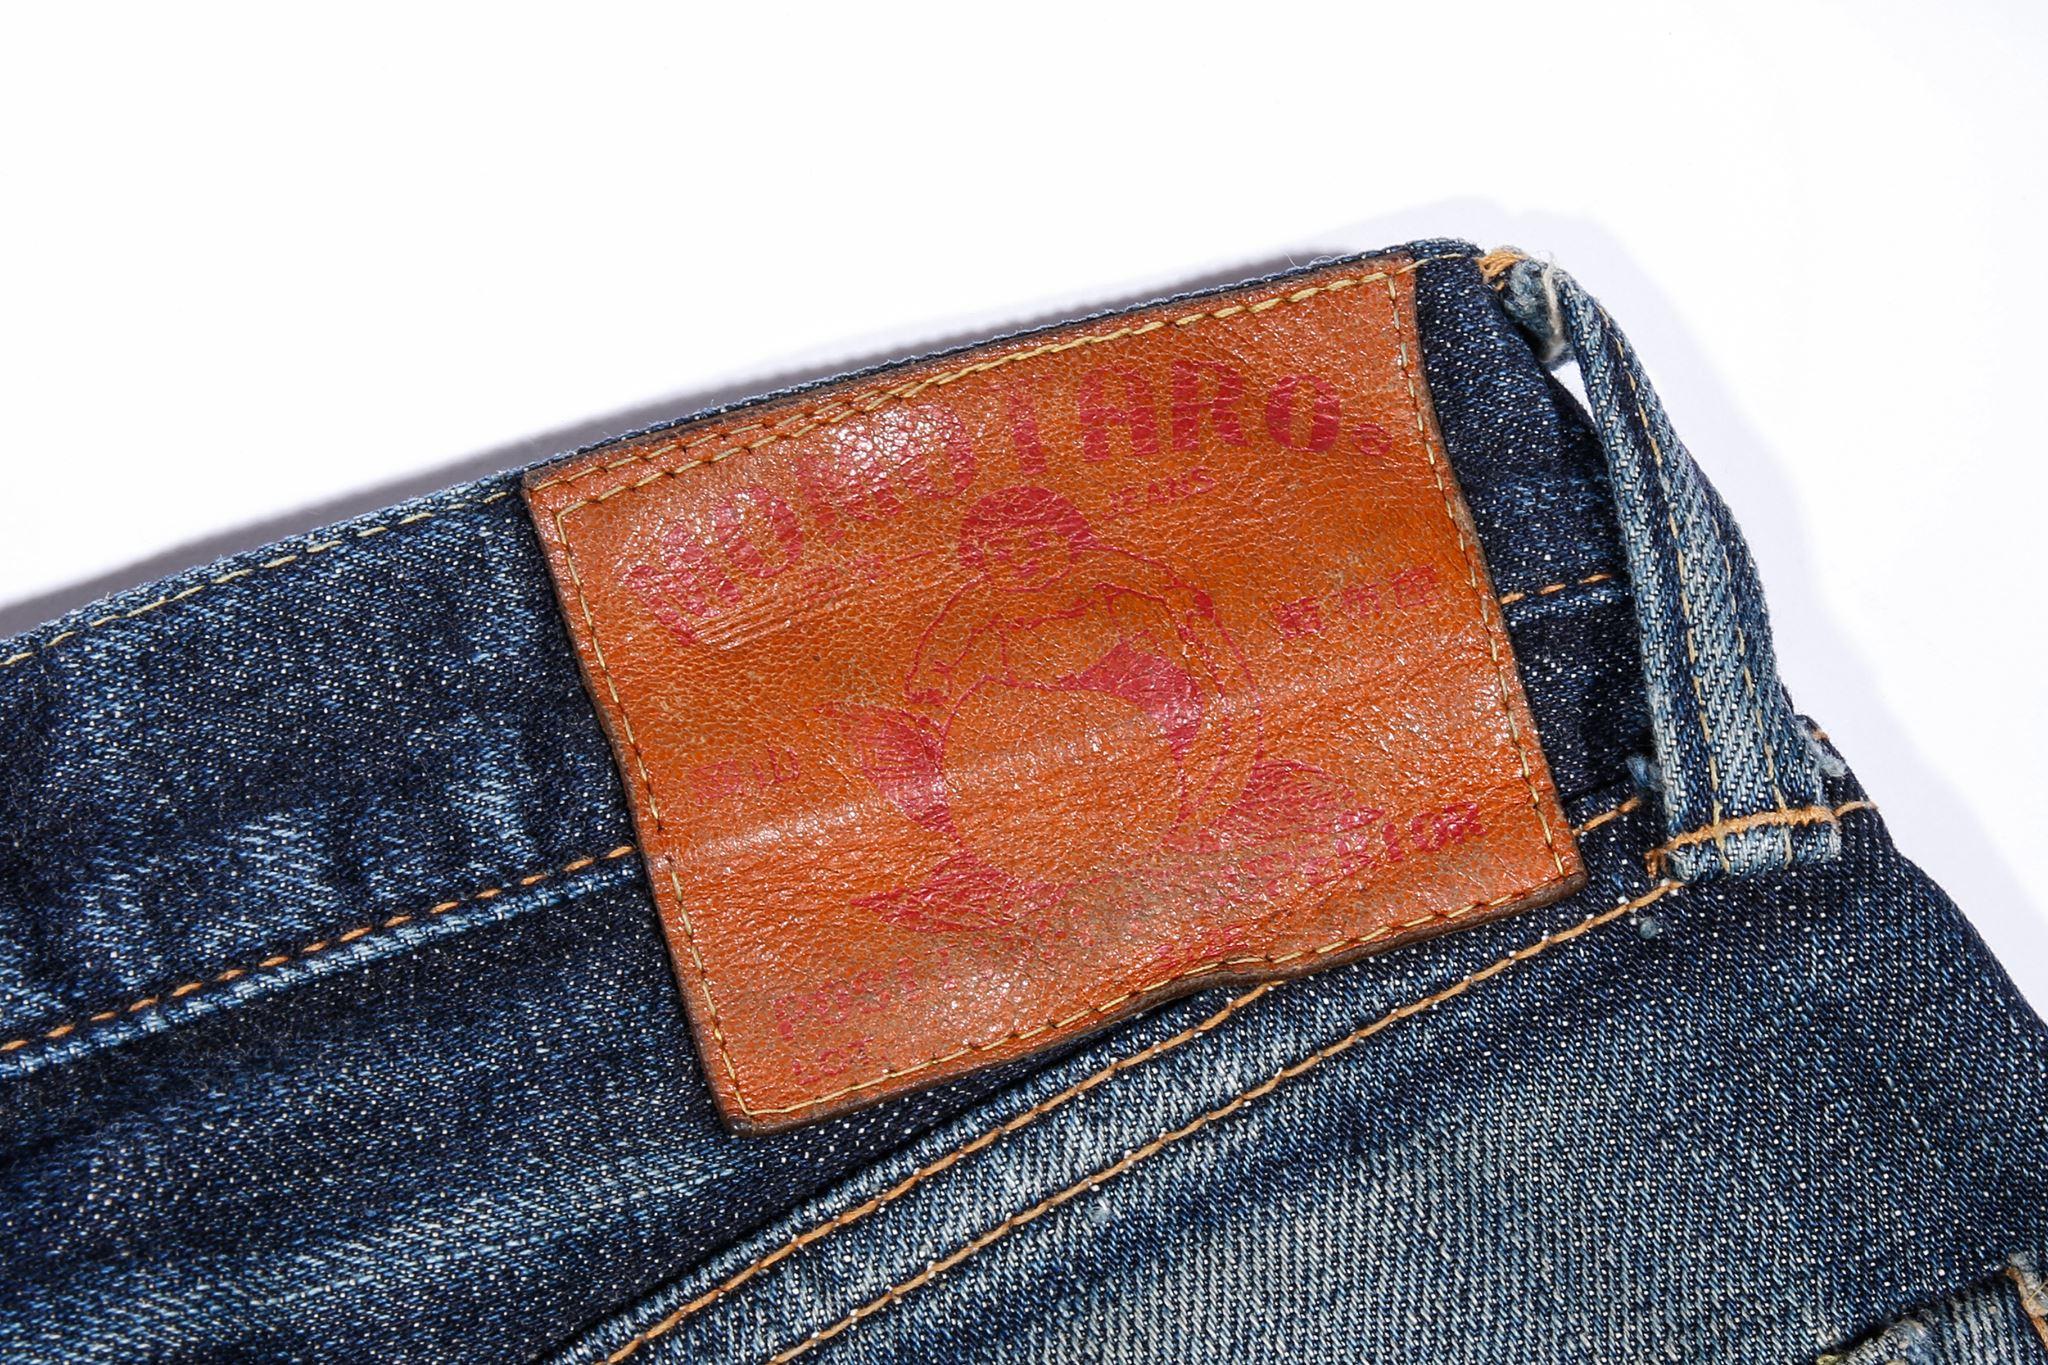 %e6%97%a5%e7%89%9b%e9%a4%8a%e6%88%90%e5%a4%a7%e5%8b%9f%e9%9b%86_momotaro-jeans_0705sp_%e5%8a%89%e9%81%94%e7%be%a9_8